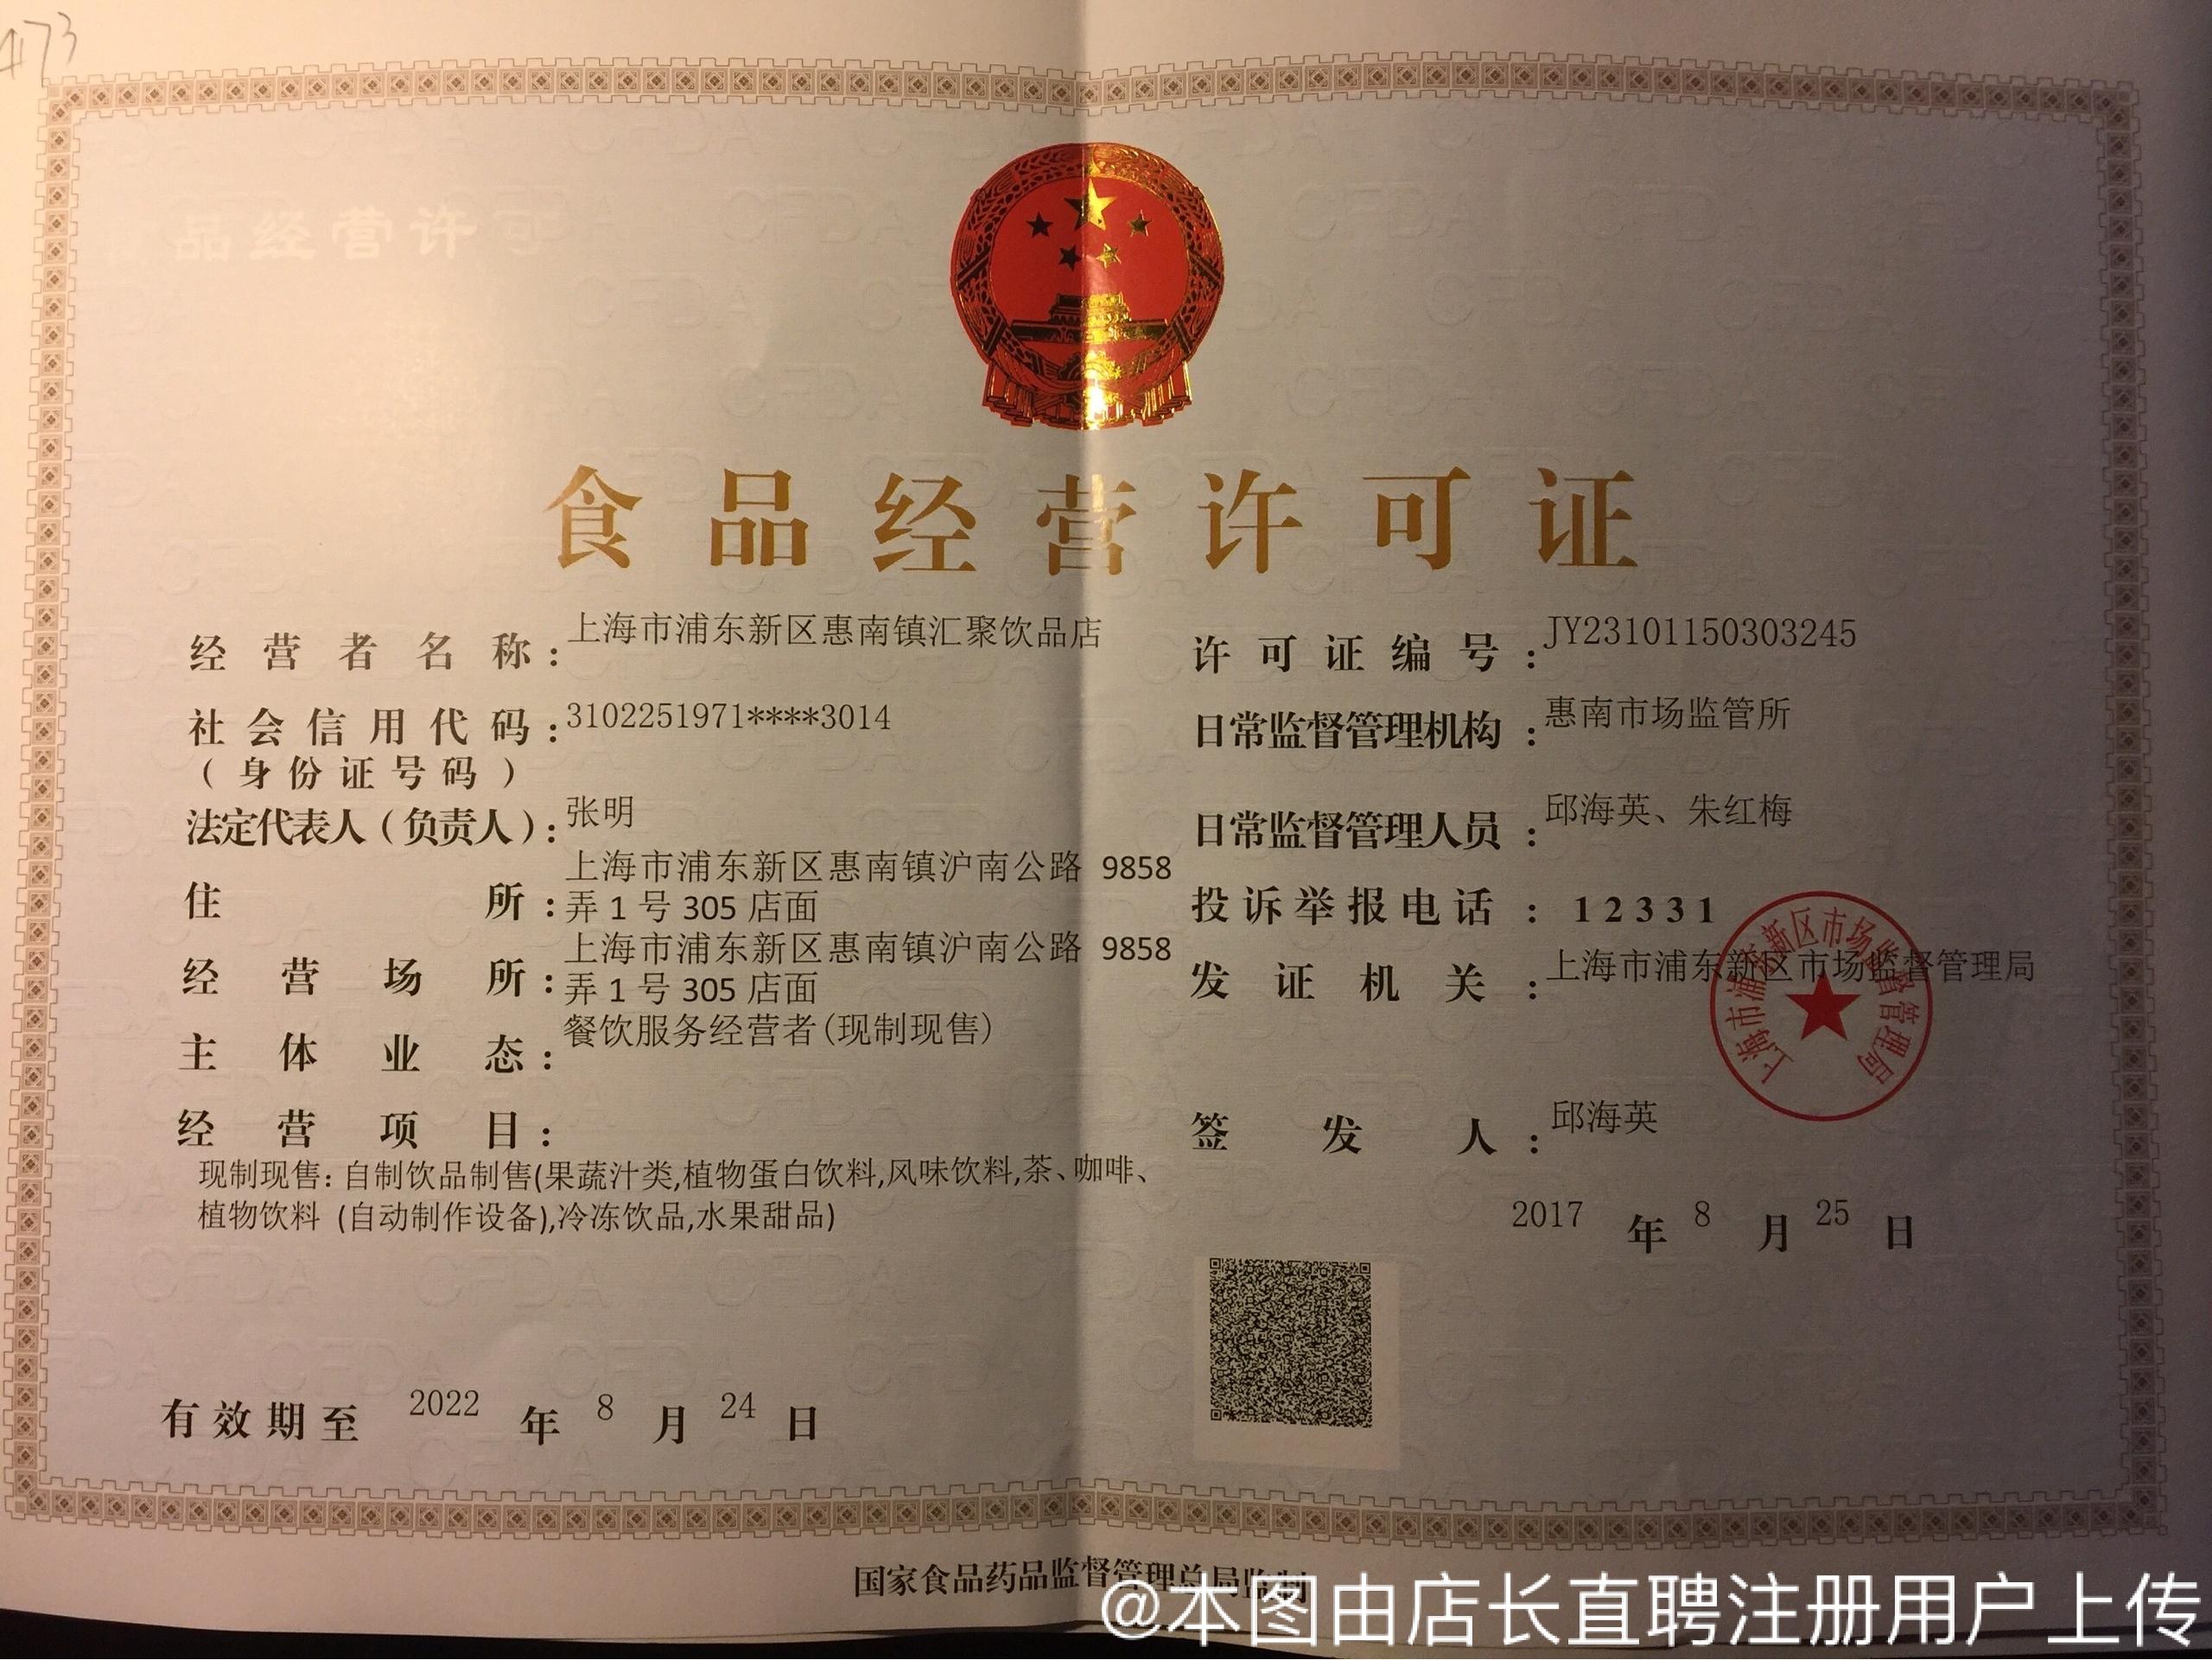 上海市浦东新区惠南镇汇聚饮品店